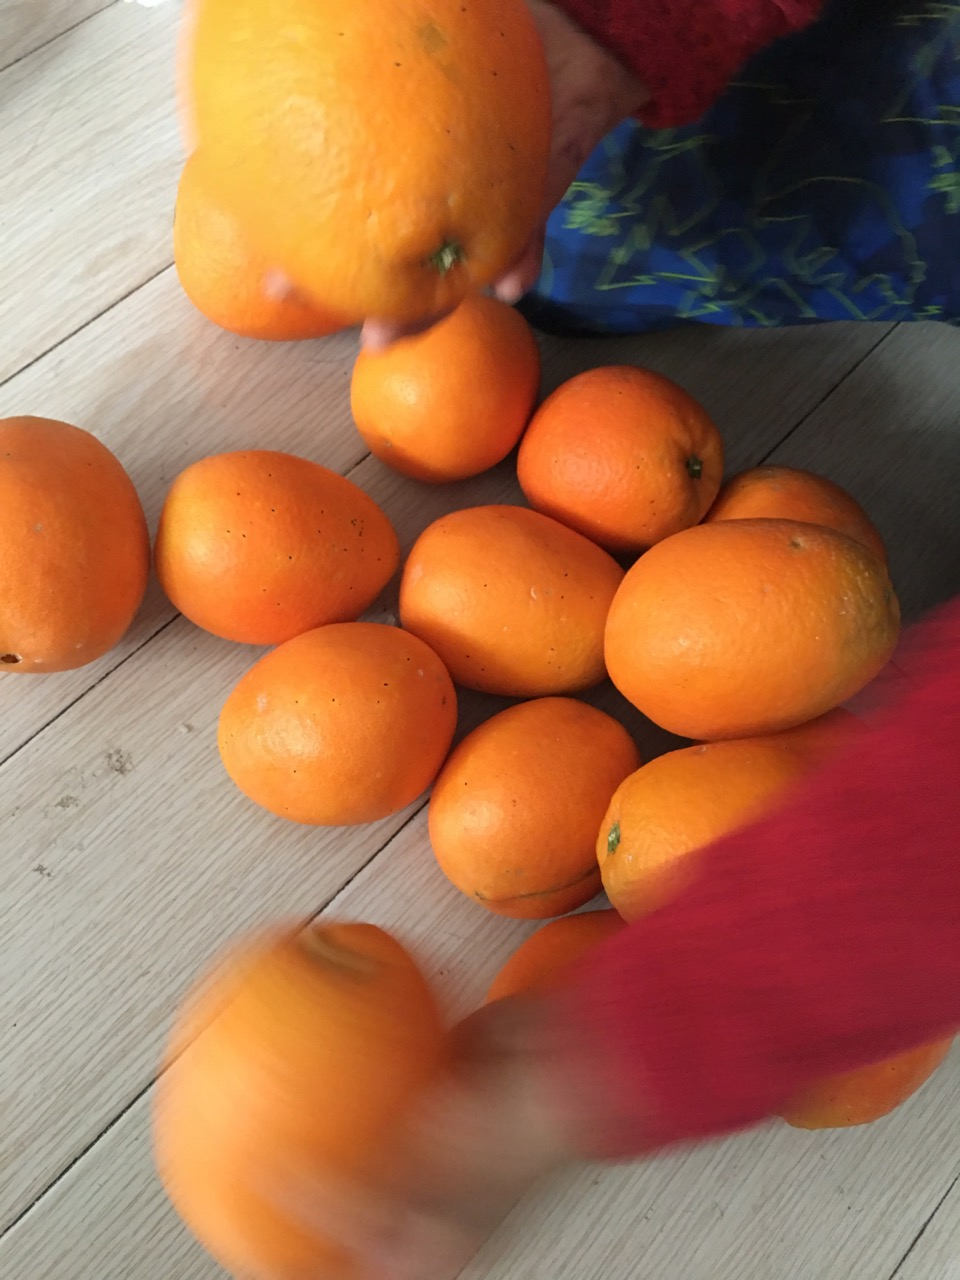 万博网页版万博manbetx体育奉节脐橙,产地直邮欢迎预定manbetx万博体育平台批发